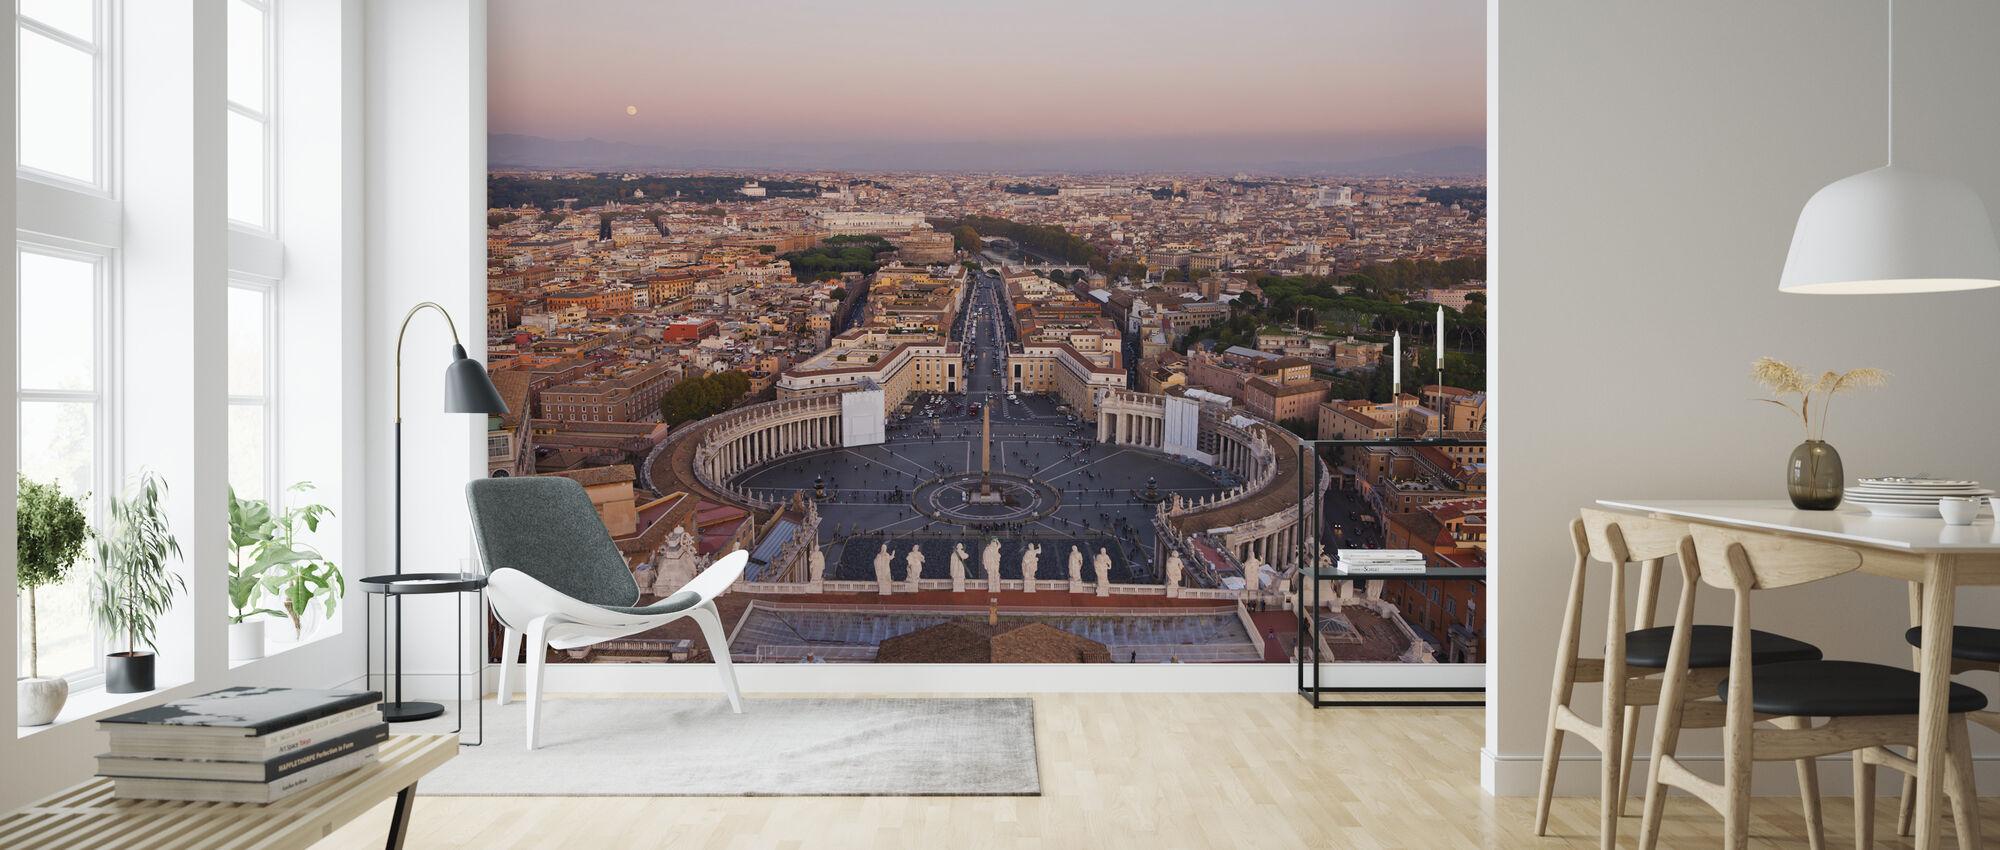 Vatican, Rome - Wallpaper - Living Room